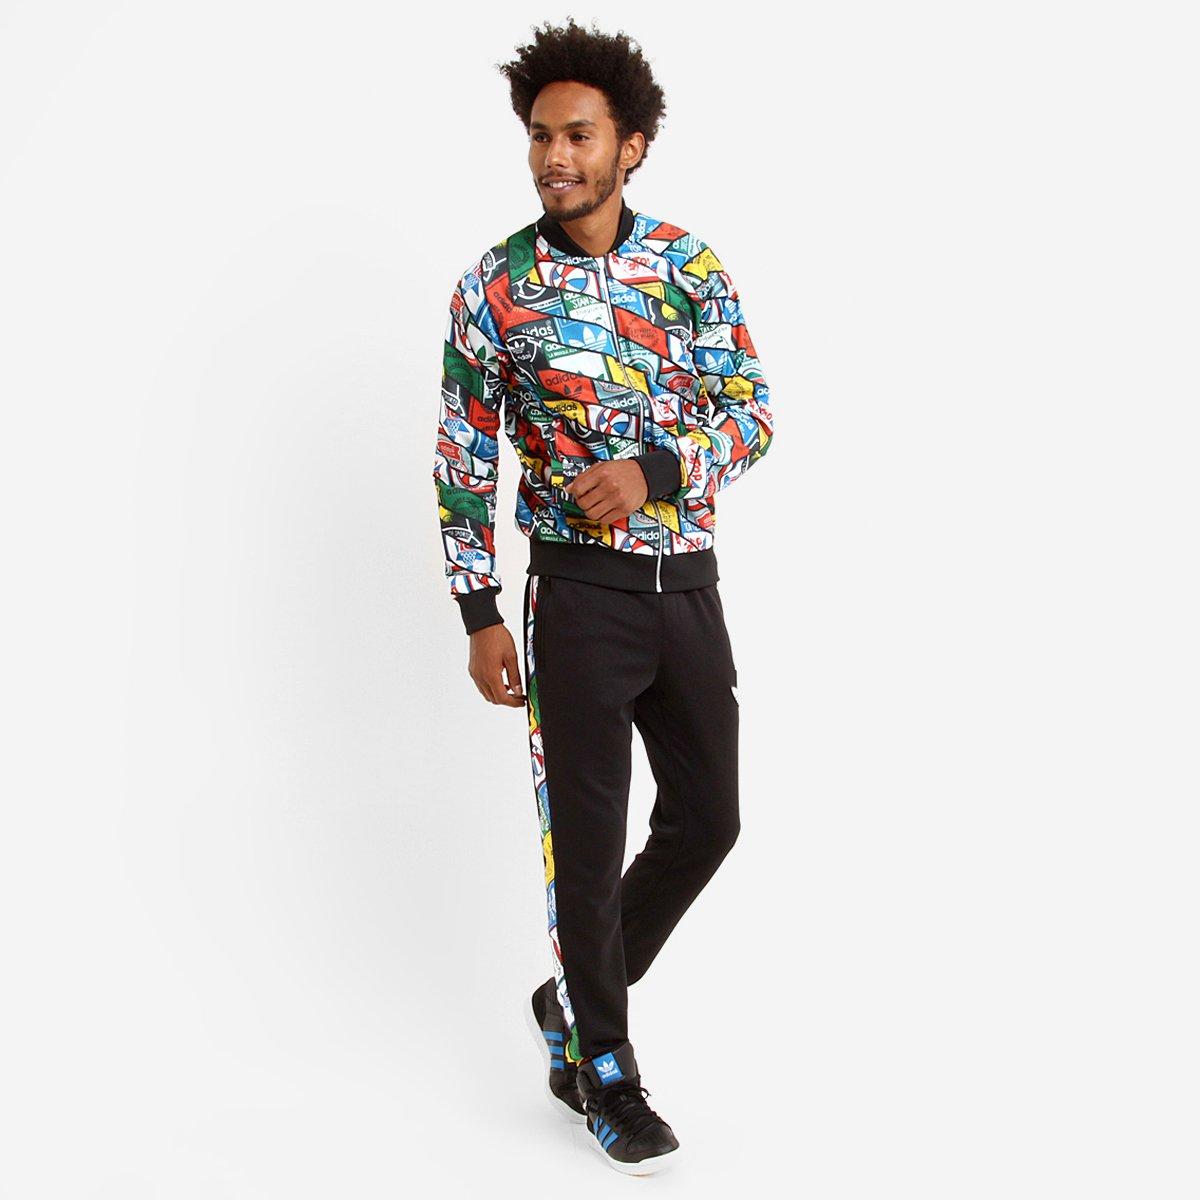 Jaqueta Adidas Sst Tongue - Compre Agora  95bd6b0d4a359